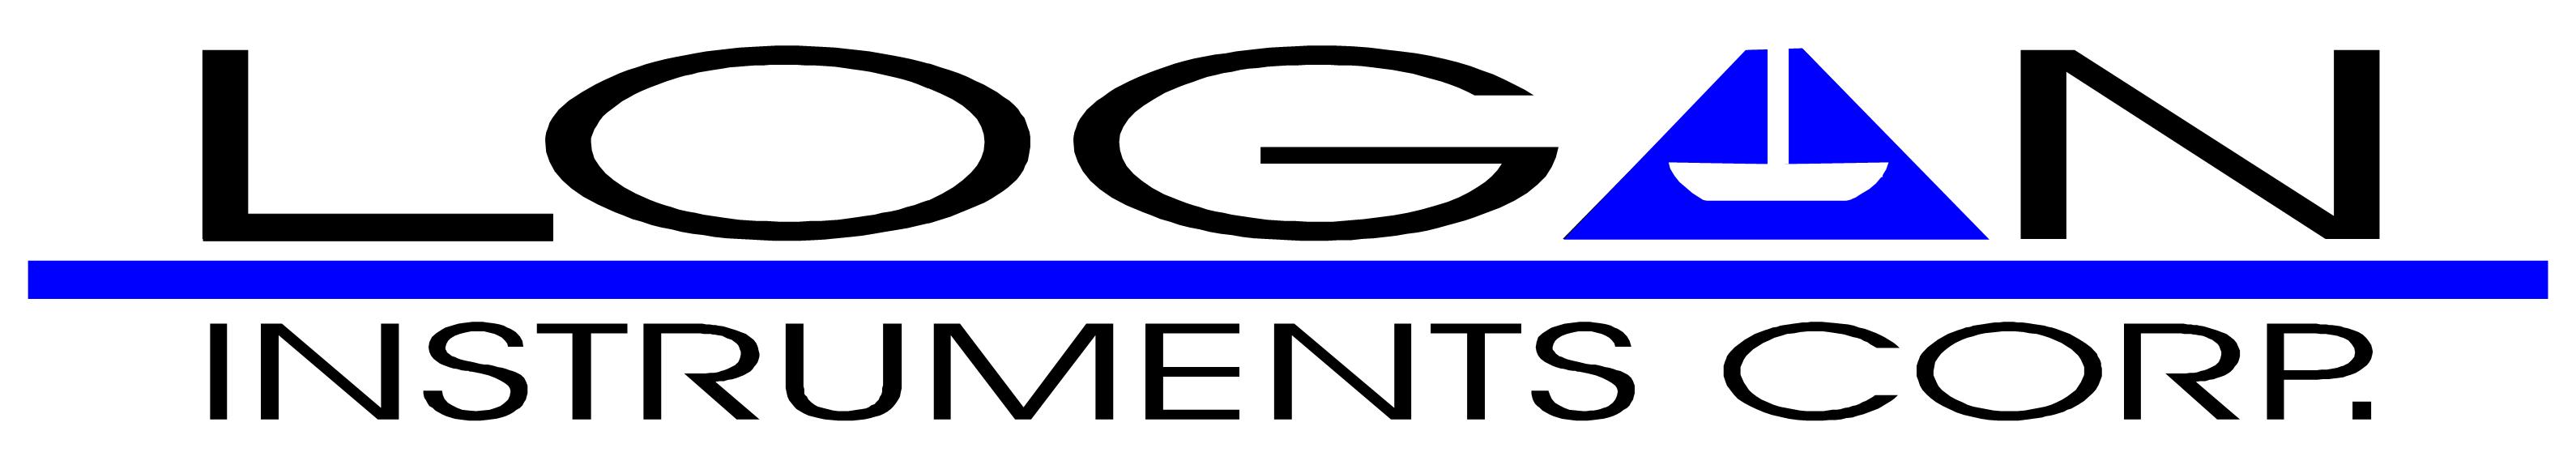 LOGAN INSTRUMENTS Inc